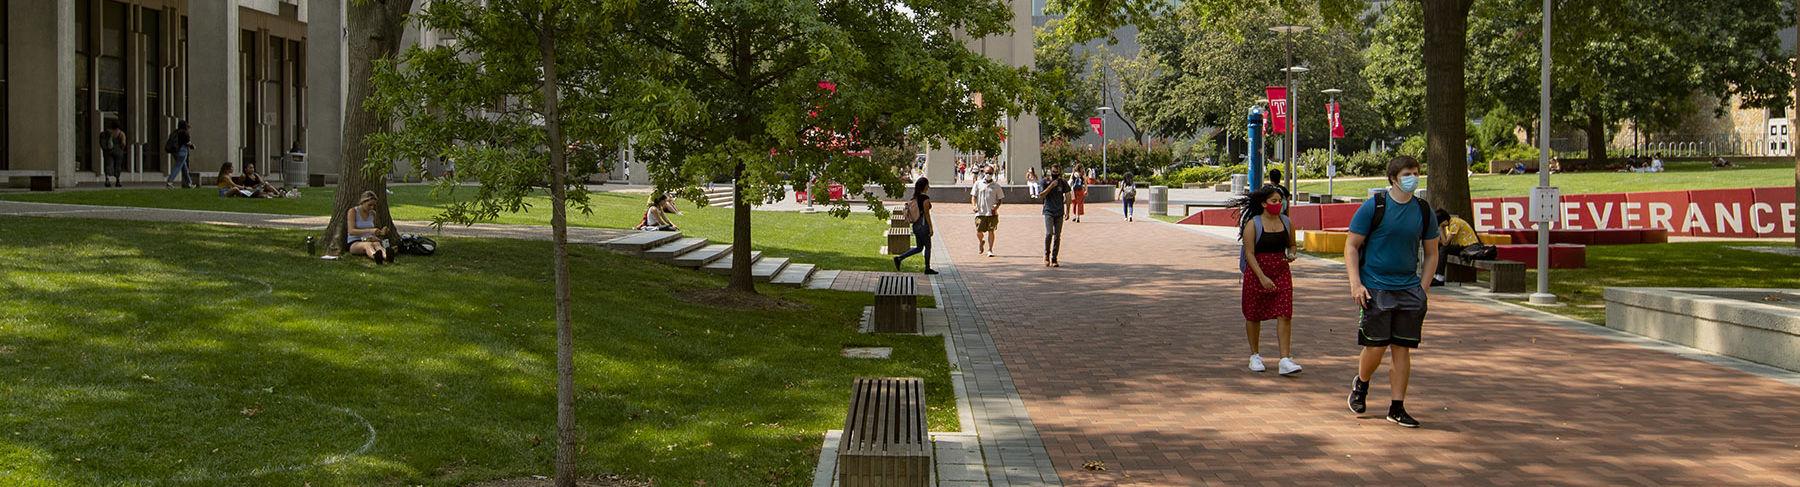 Students on Polett Walk on a sunny summer day